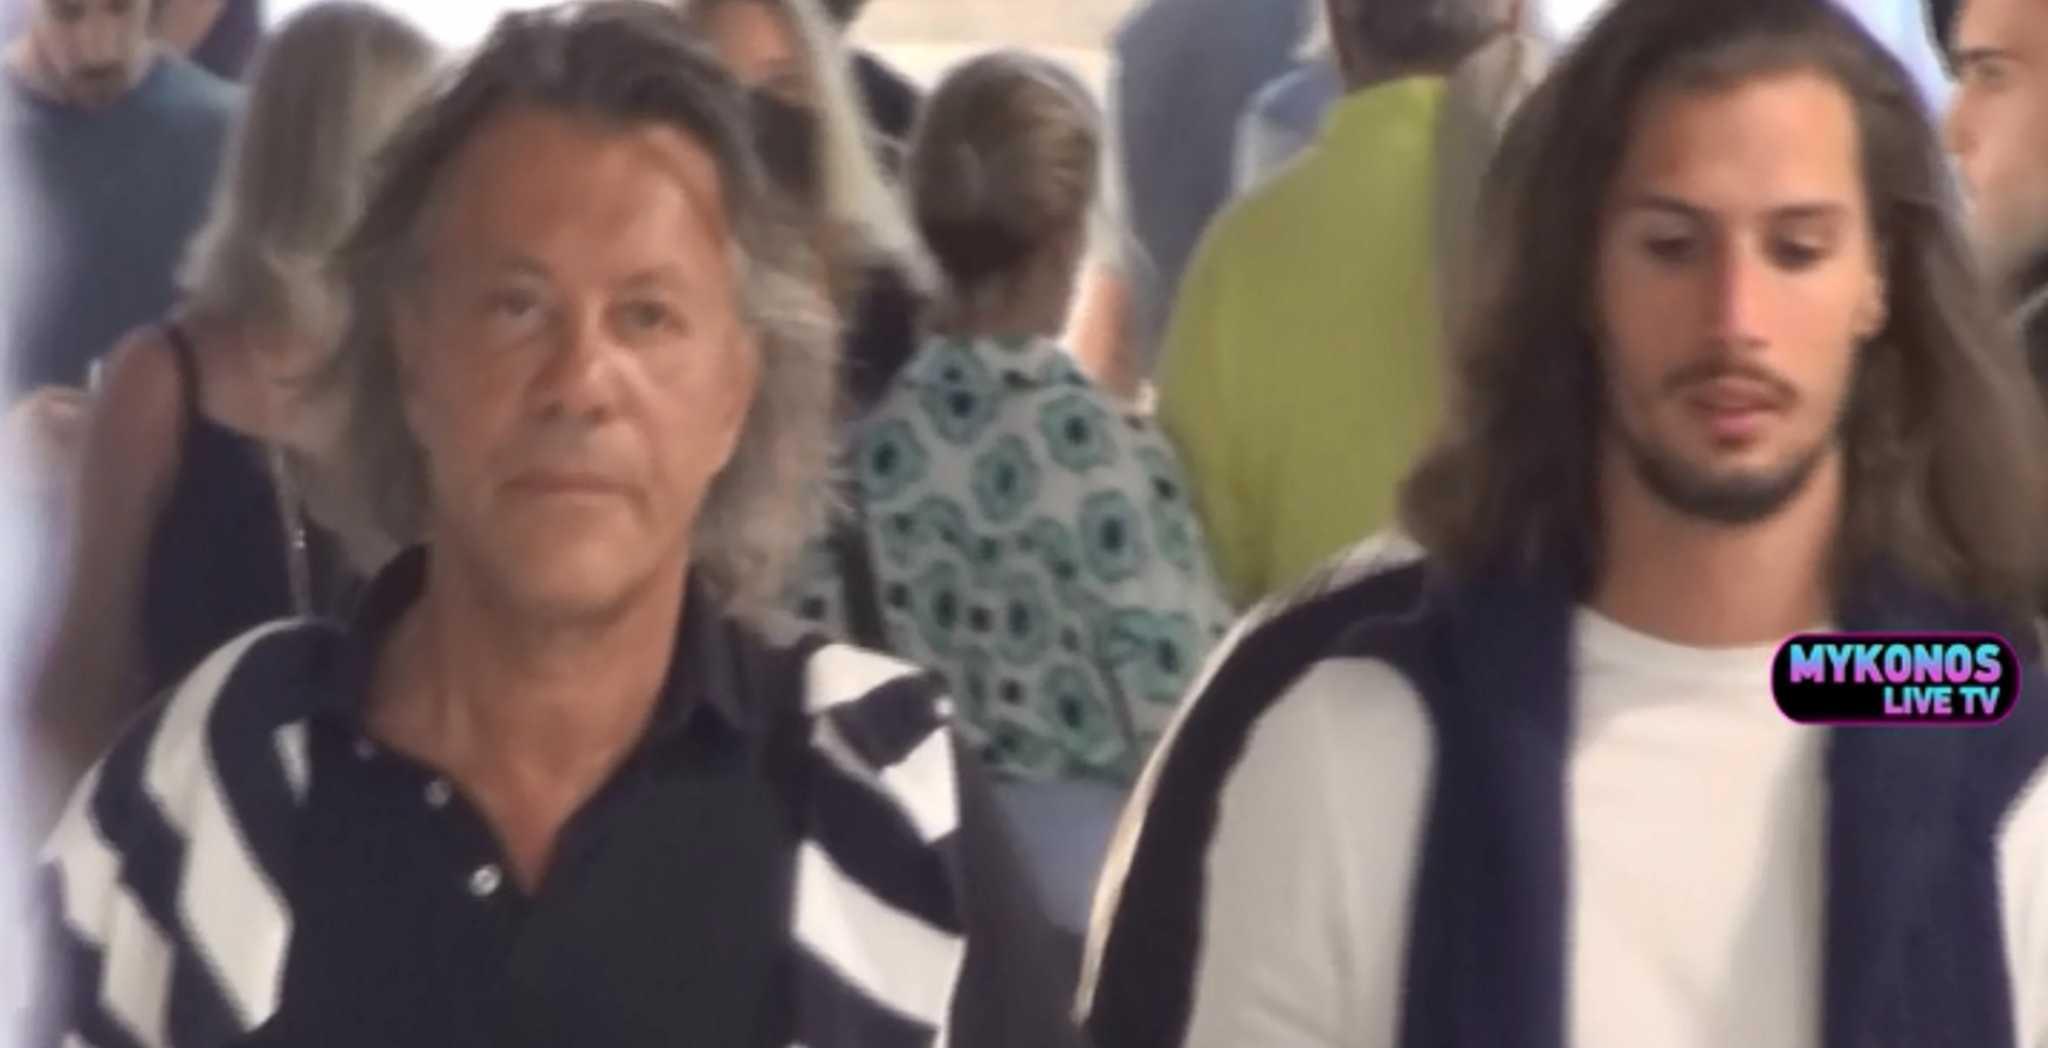 Στη Μύκονο για διακοπές ο Ηλίας Ψινάκης (video)